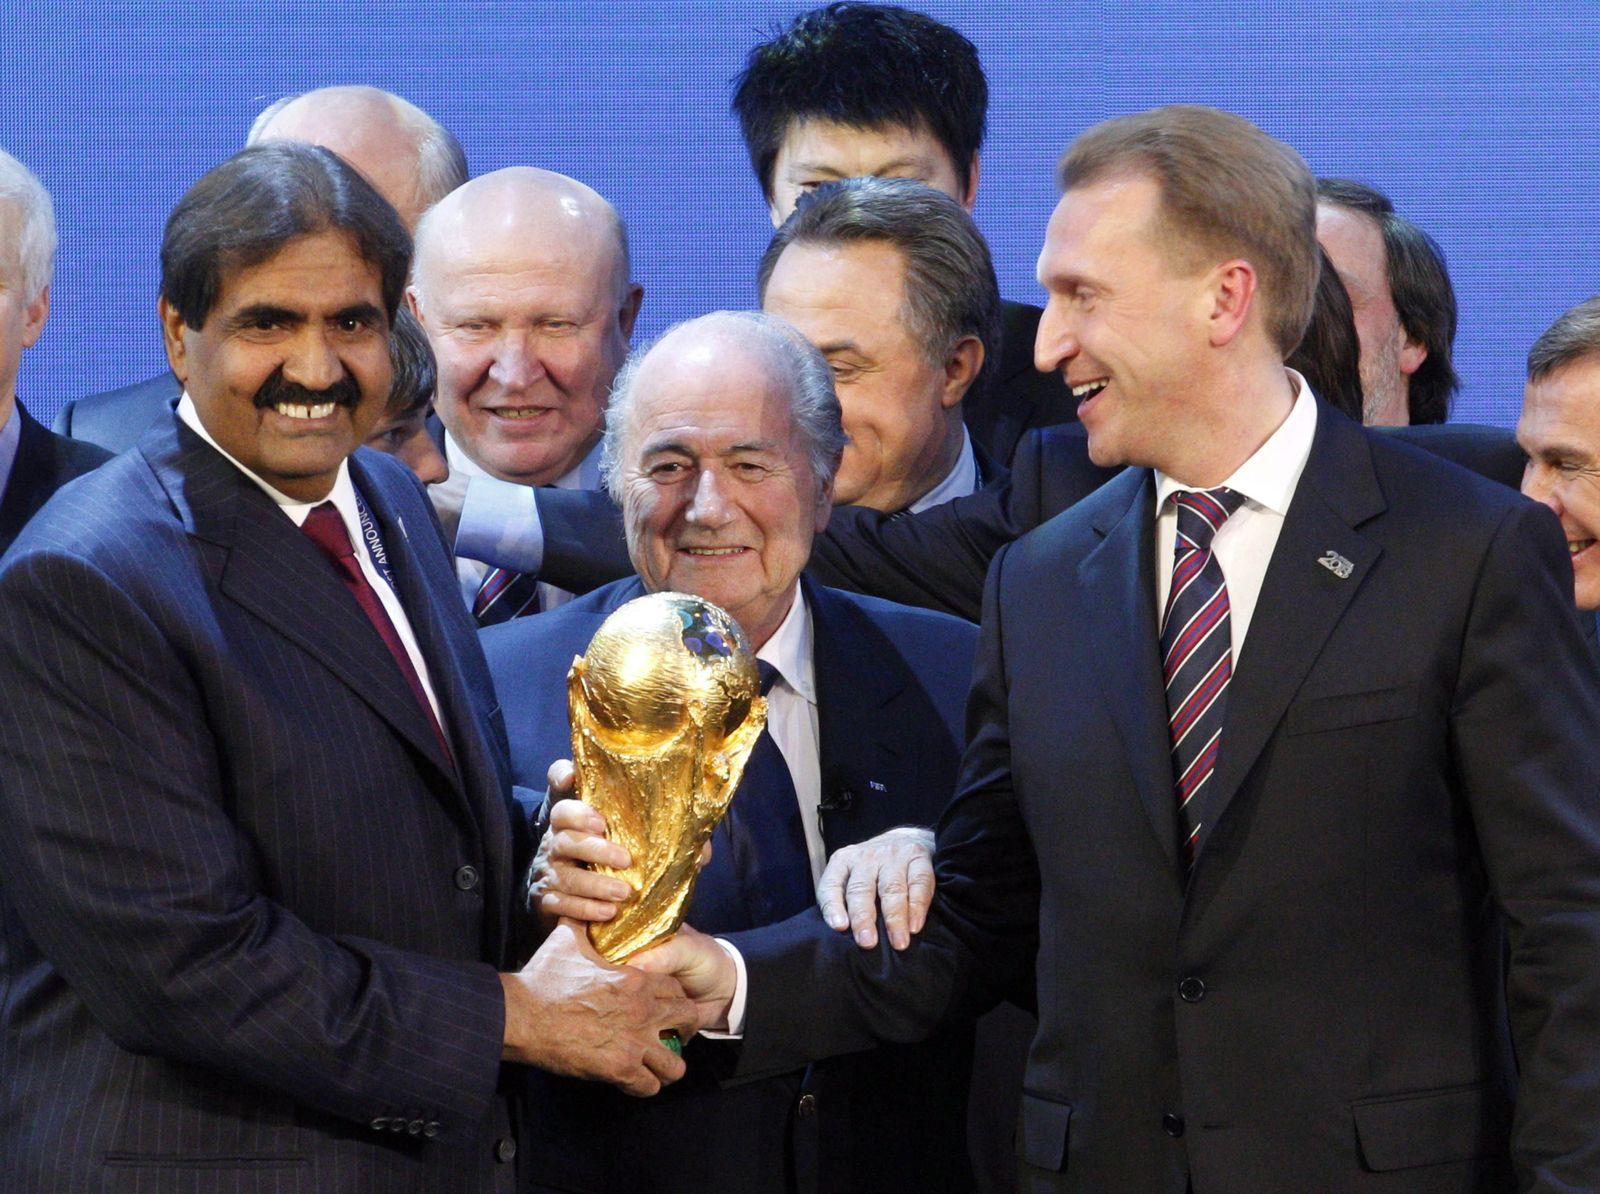 FIFA WM-Auslosung für 2018 und 2022/ Russland und Katar/ 2010